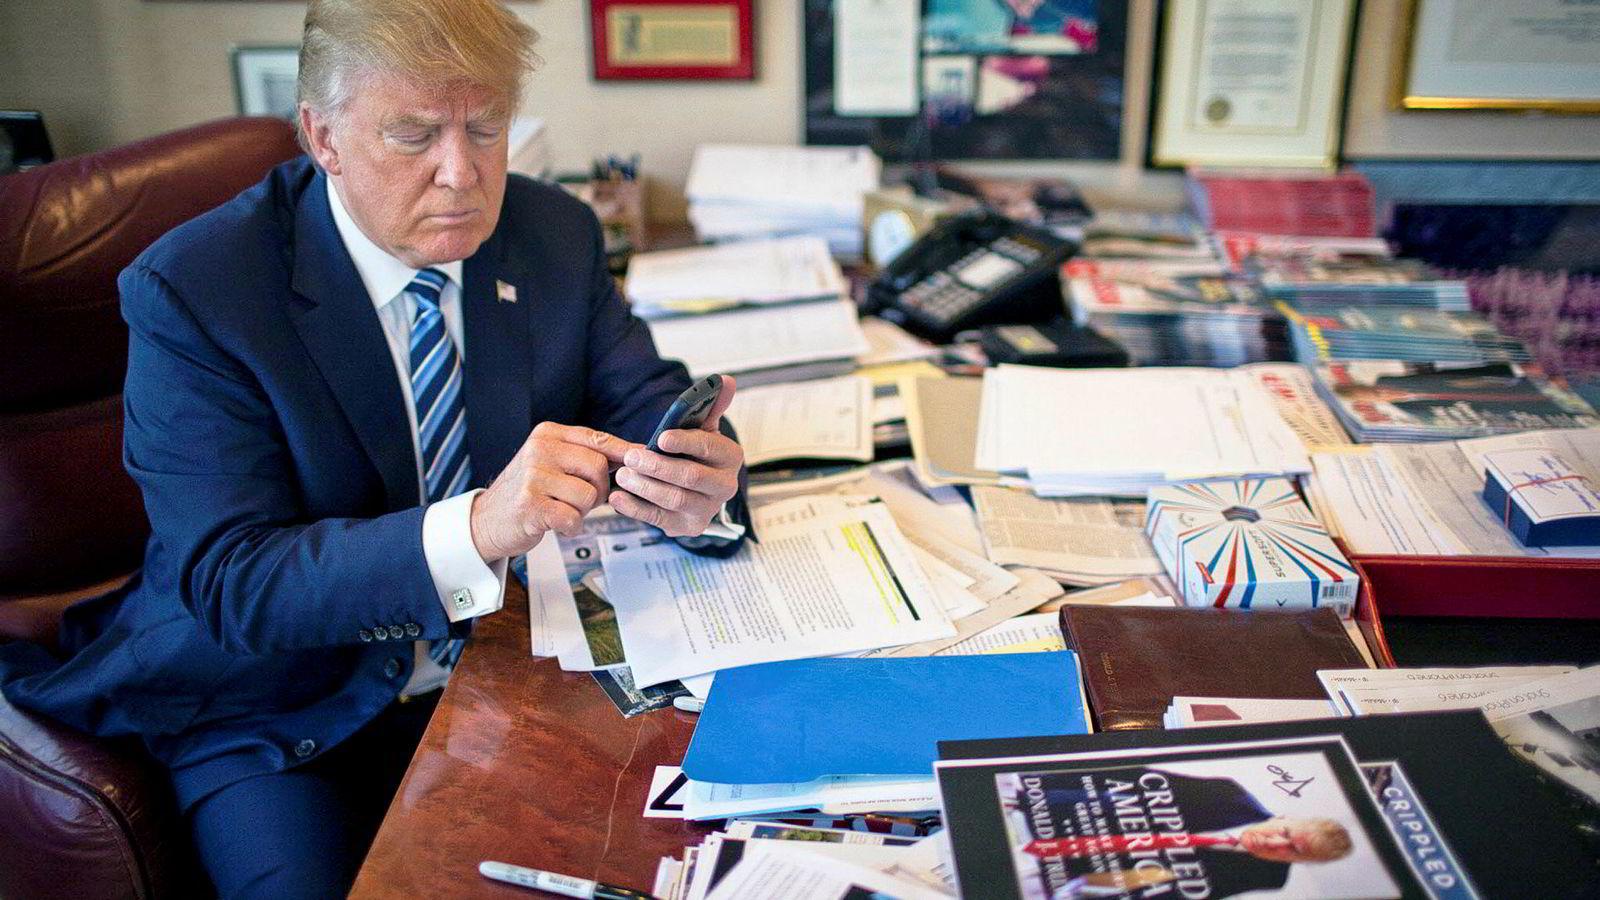 Donald Trump er hissig på Twitter. Her fra kontoret i Trump Tower i New York høsten 2015.